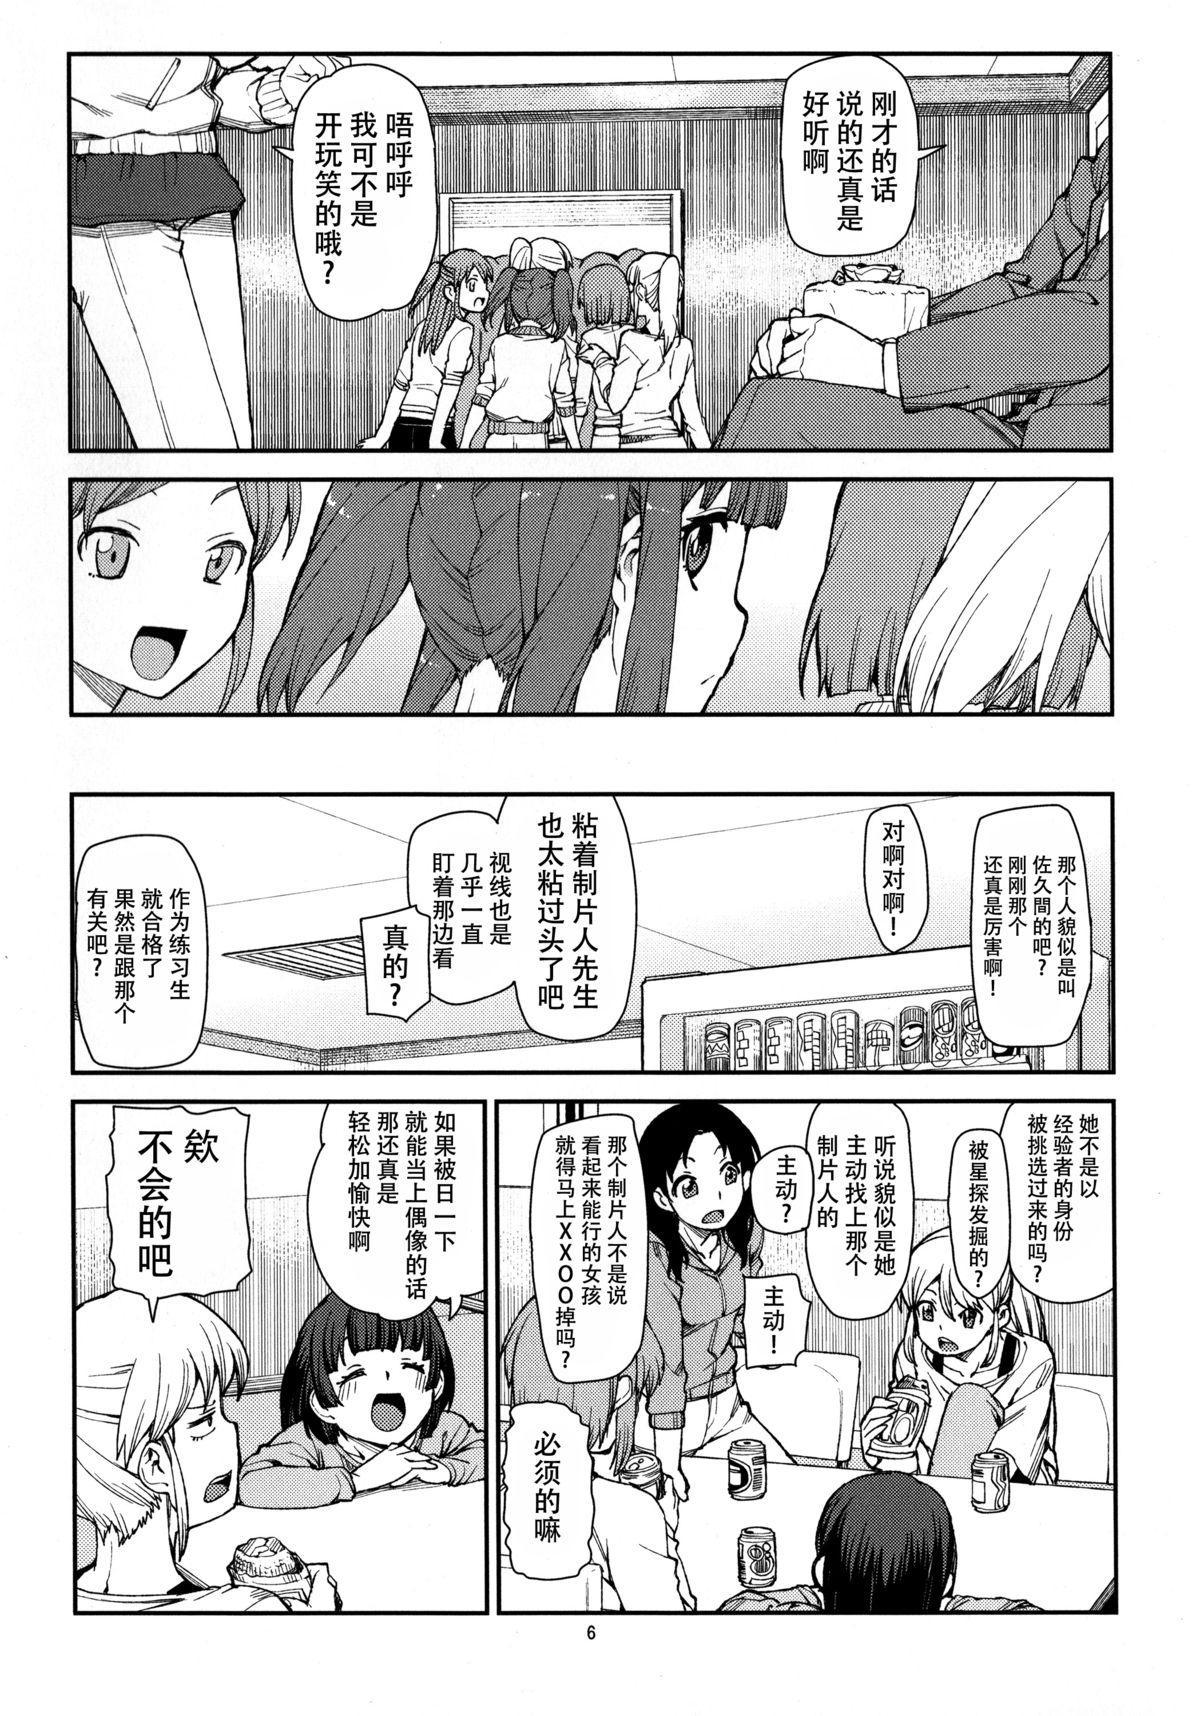 Korekara Nakyoku Shimashou ne 7